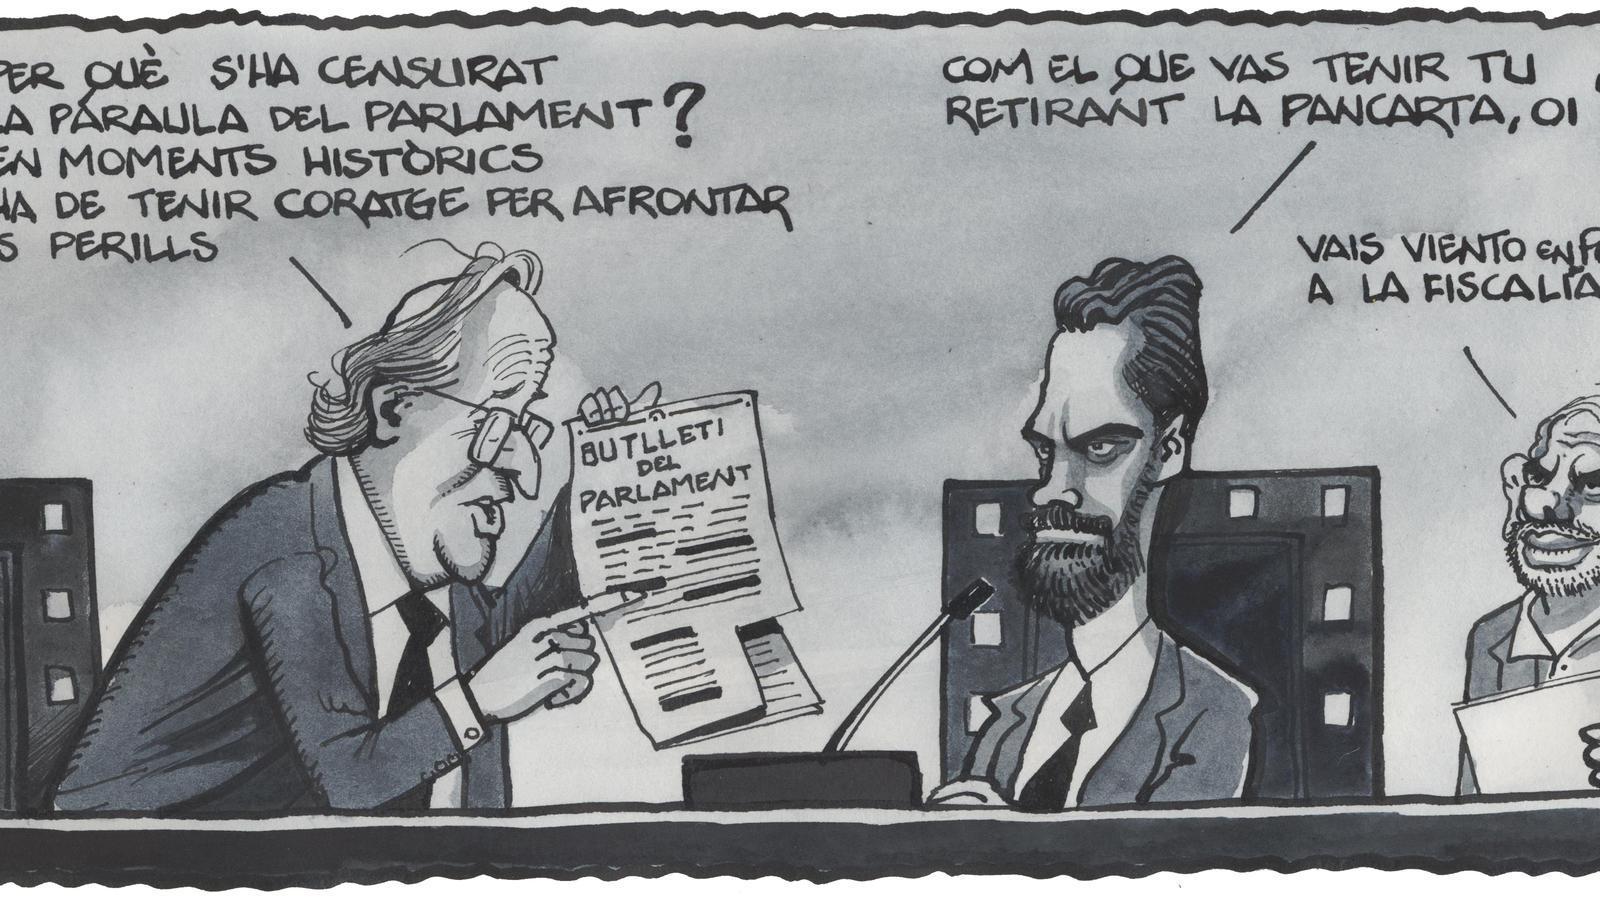 'A la contra', per Ferreres 12/08/2020